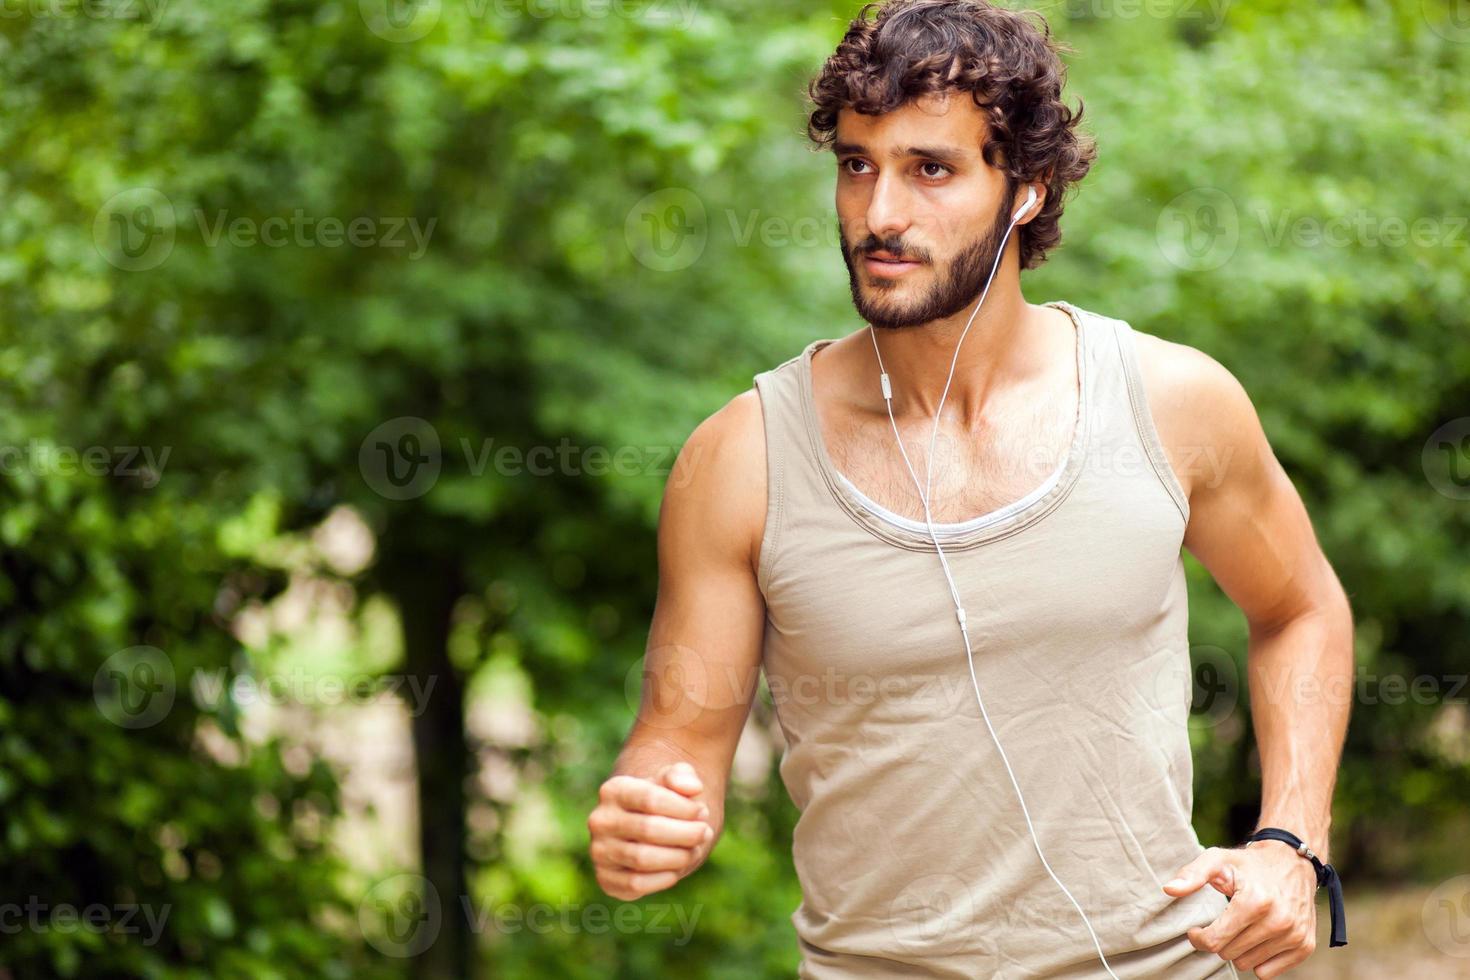 jeune homme faisant du jogging en plein air photo